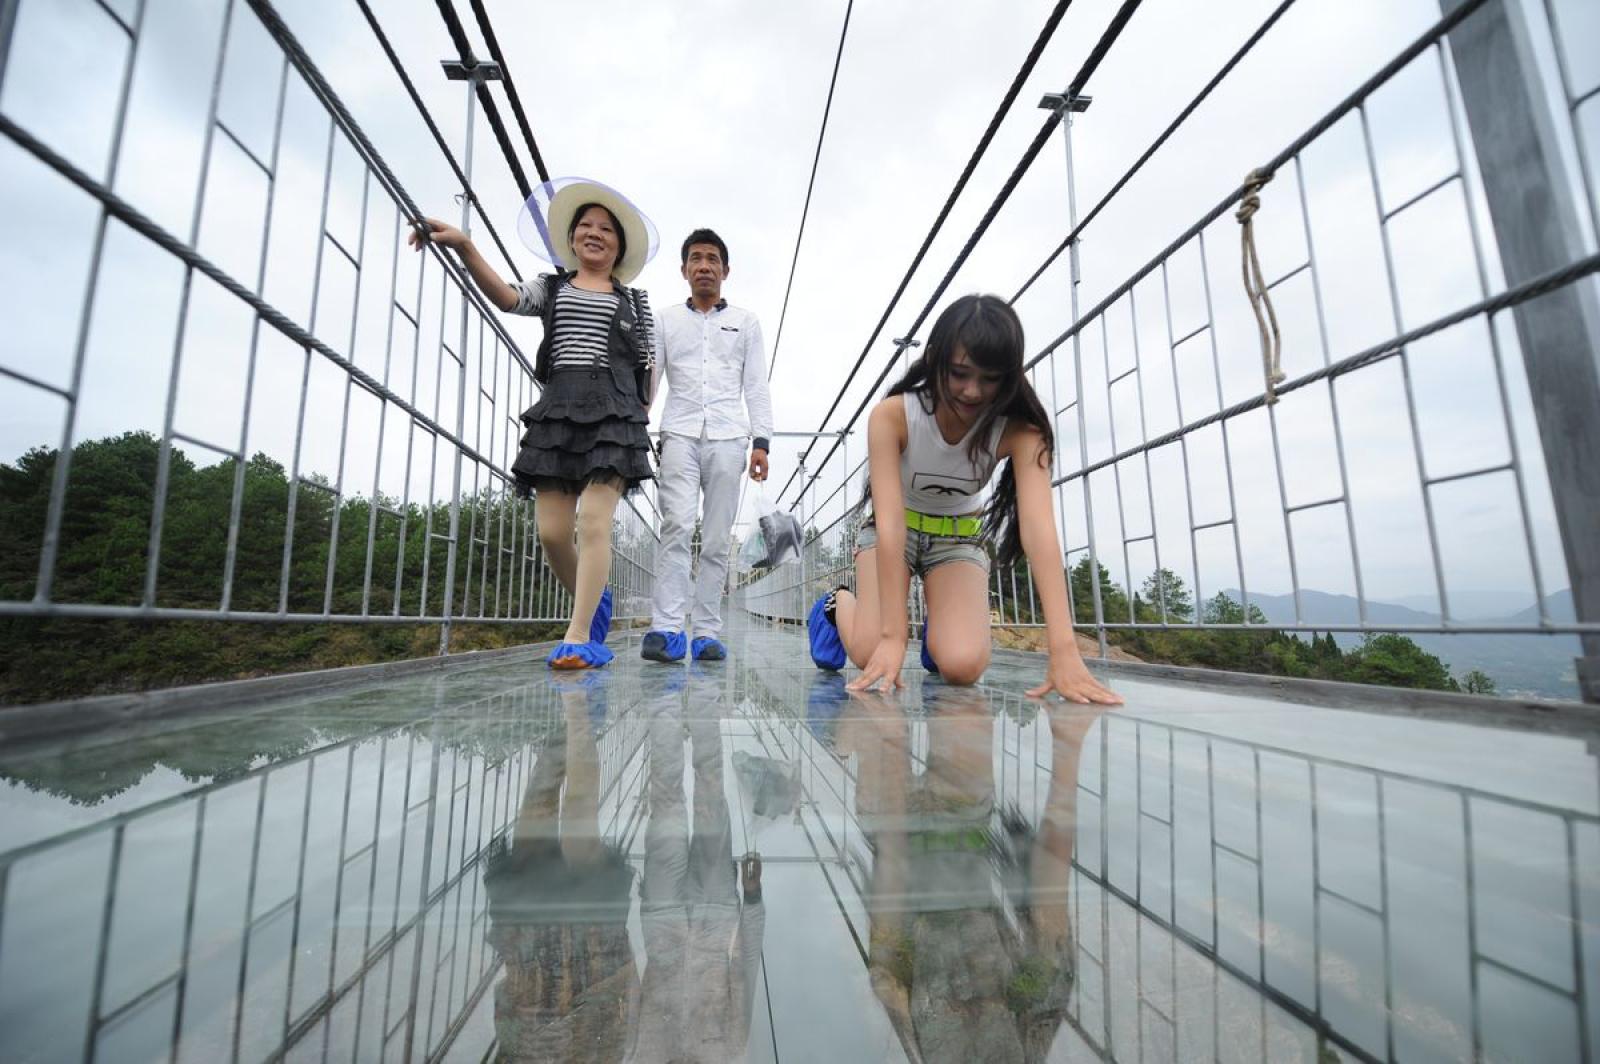 мост со стеклянным полом в китае фото пожарные автомобили